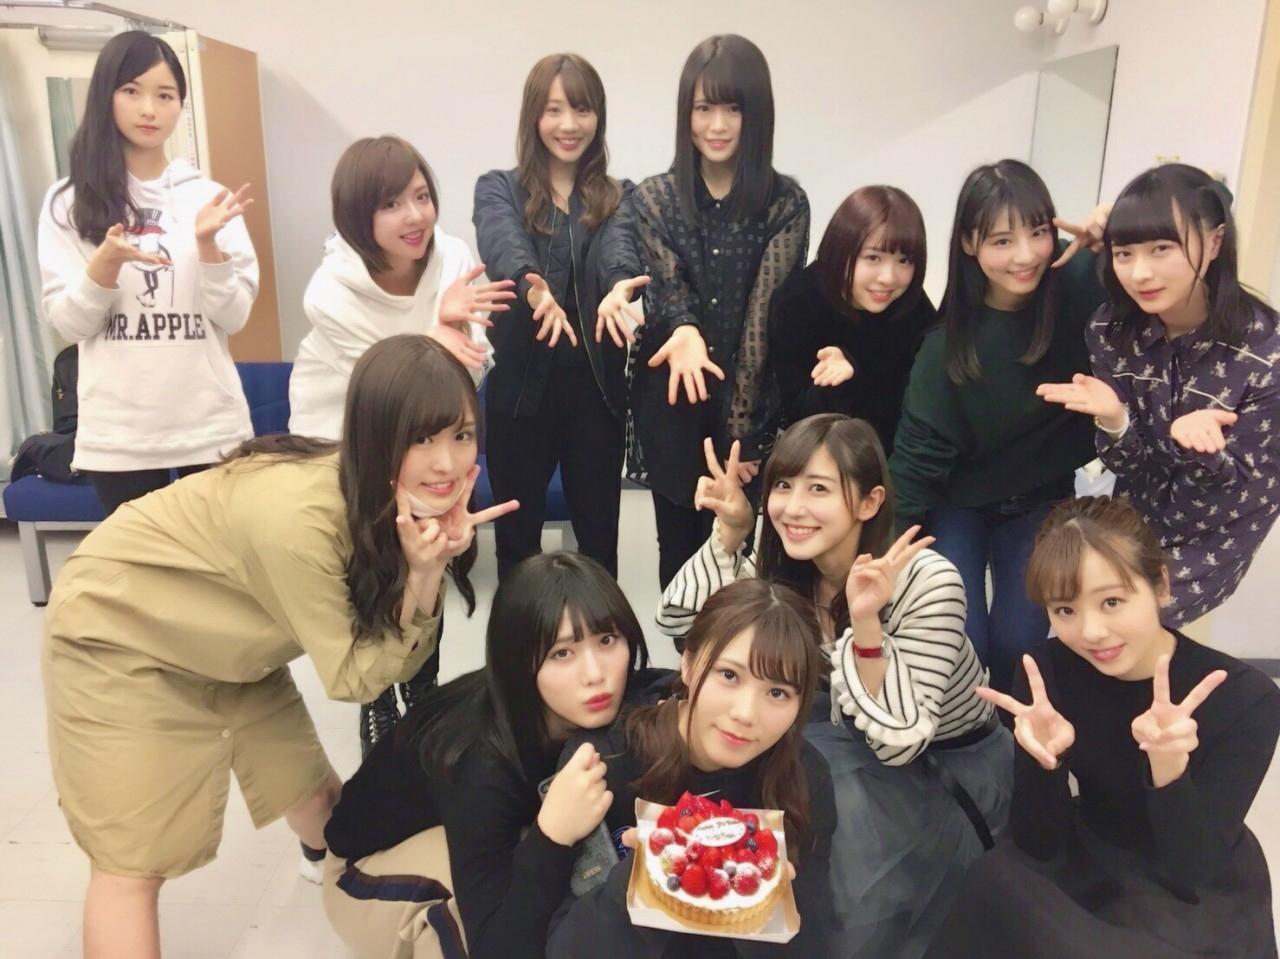 川後陽菜誕生日祝い 佐々木琴子